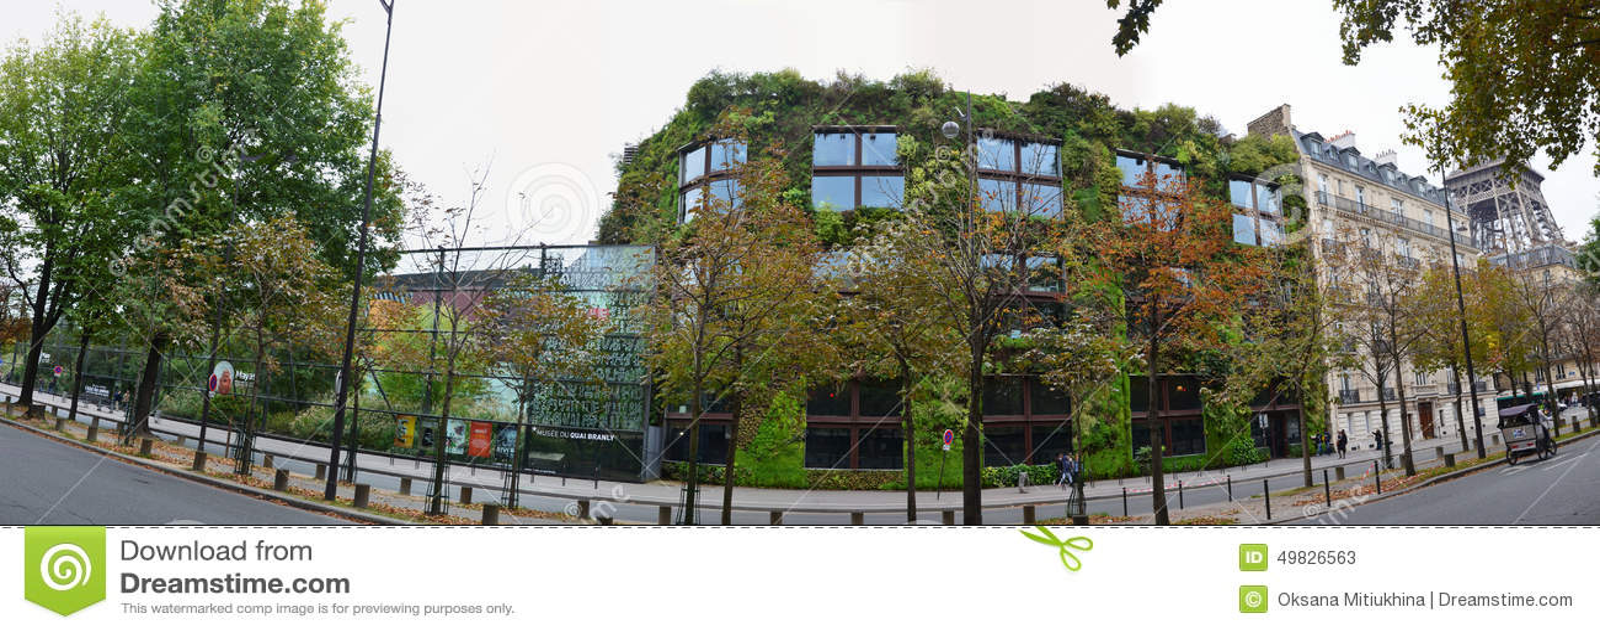 Musée Du Quai Branly à Paris Photo stock éditorial - Image du musée, paris:  49826563